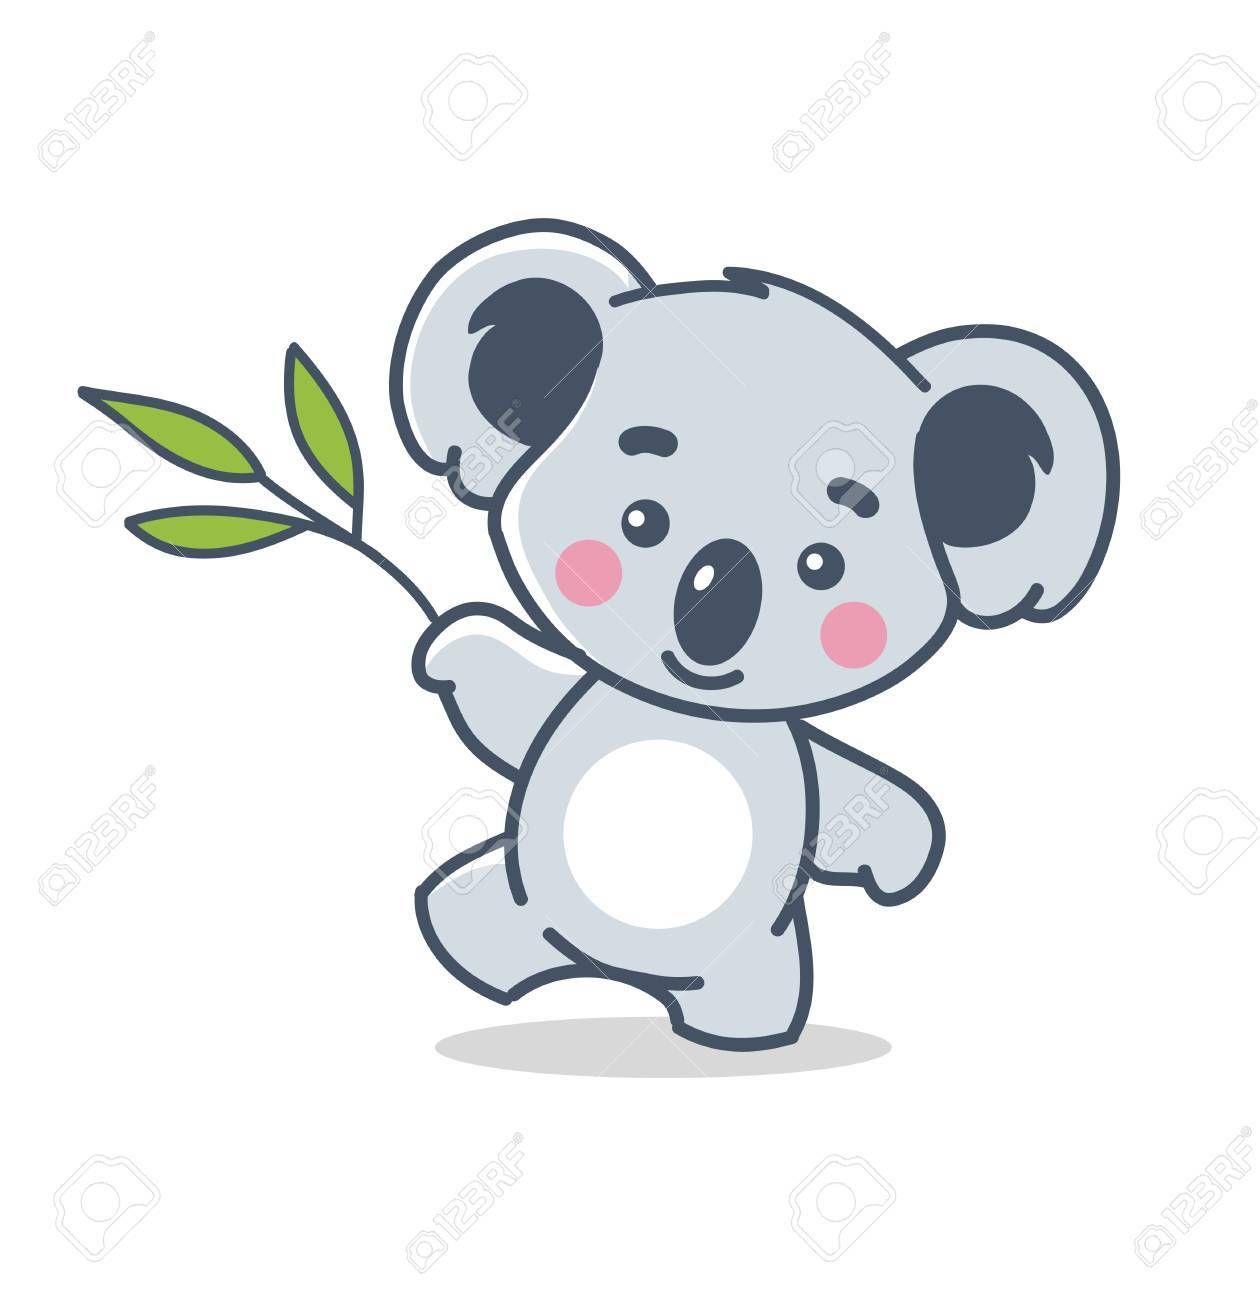 Koala Divertido Aislado En Blanco Koala Koala Animado Ilustraciones De Animales